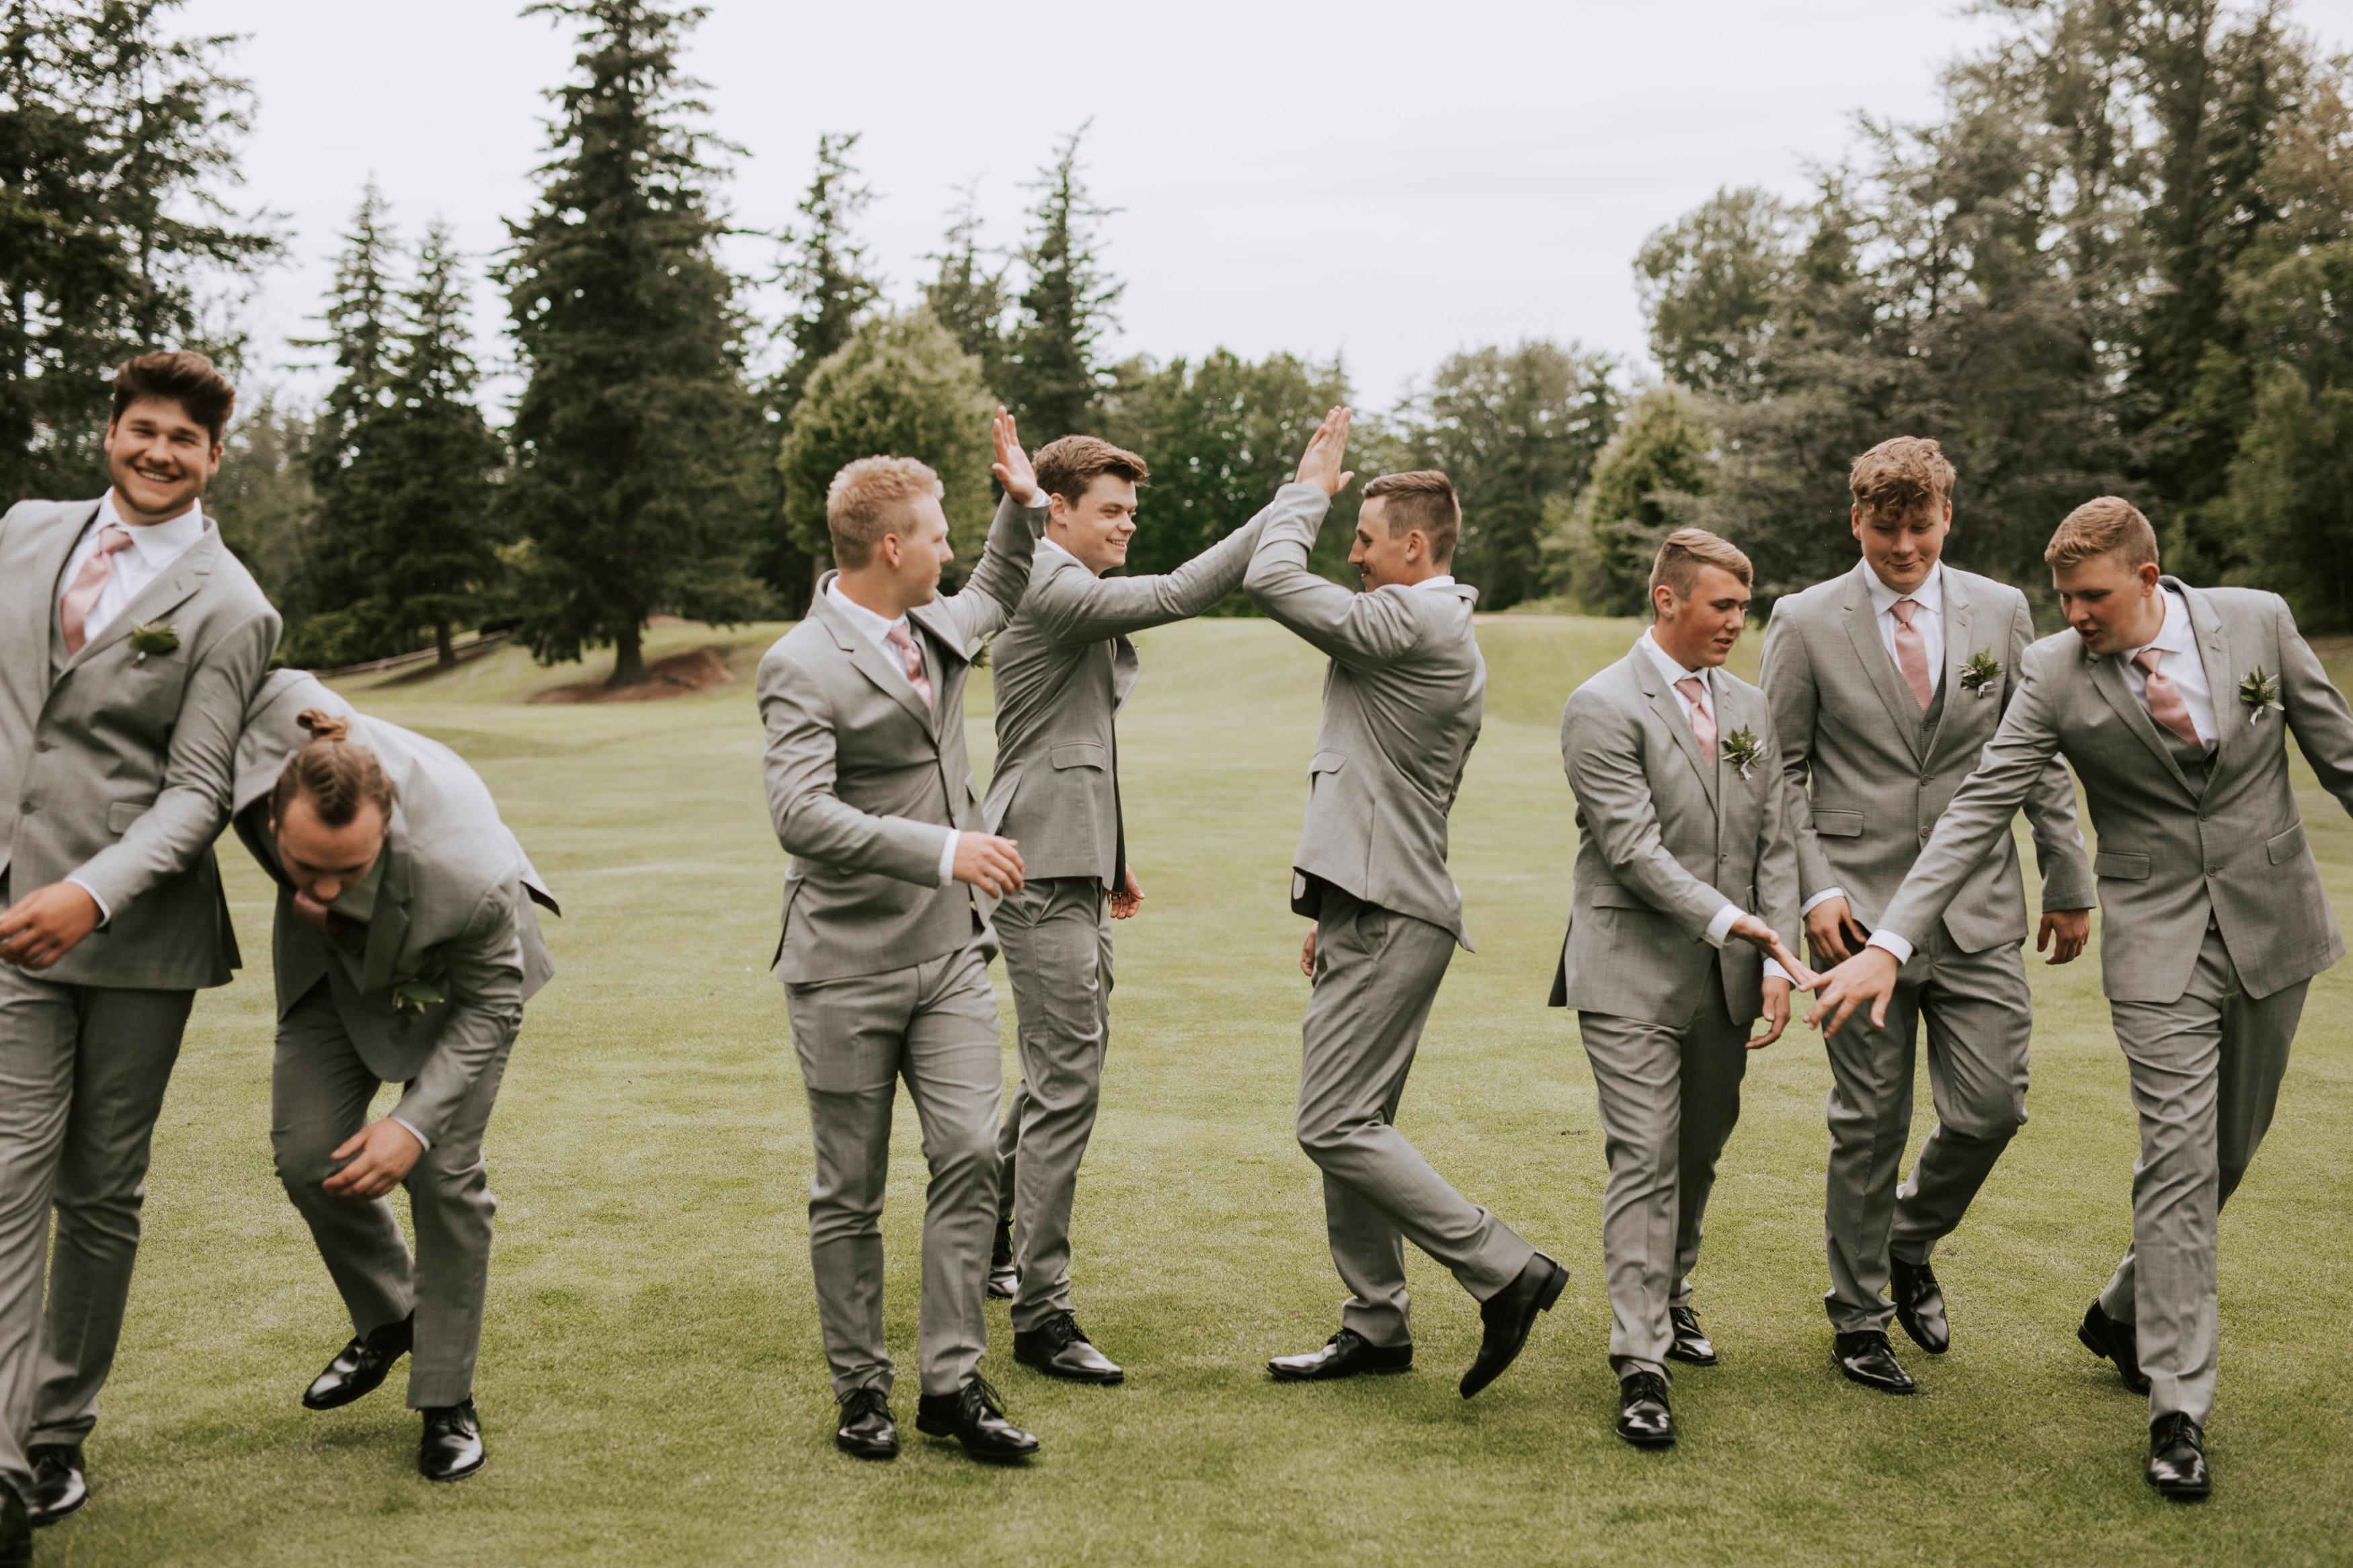 lynen-wa-wedding-bellingham-golf-and-cou